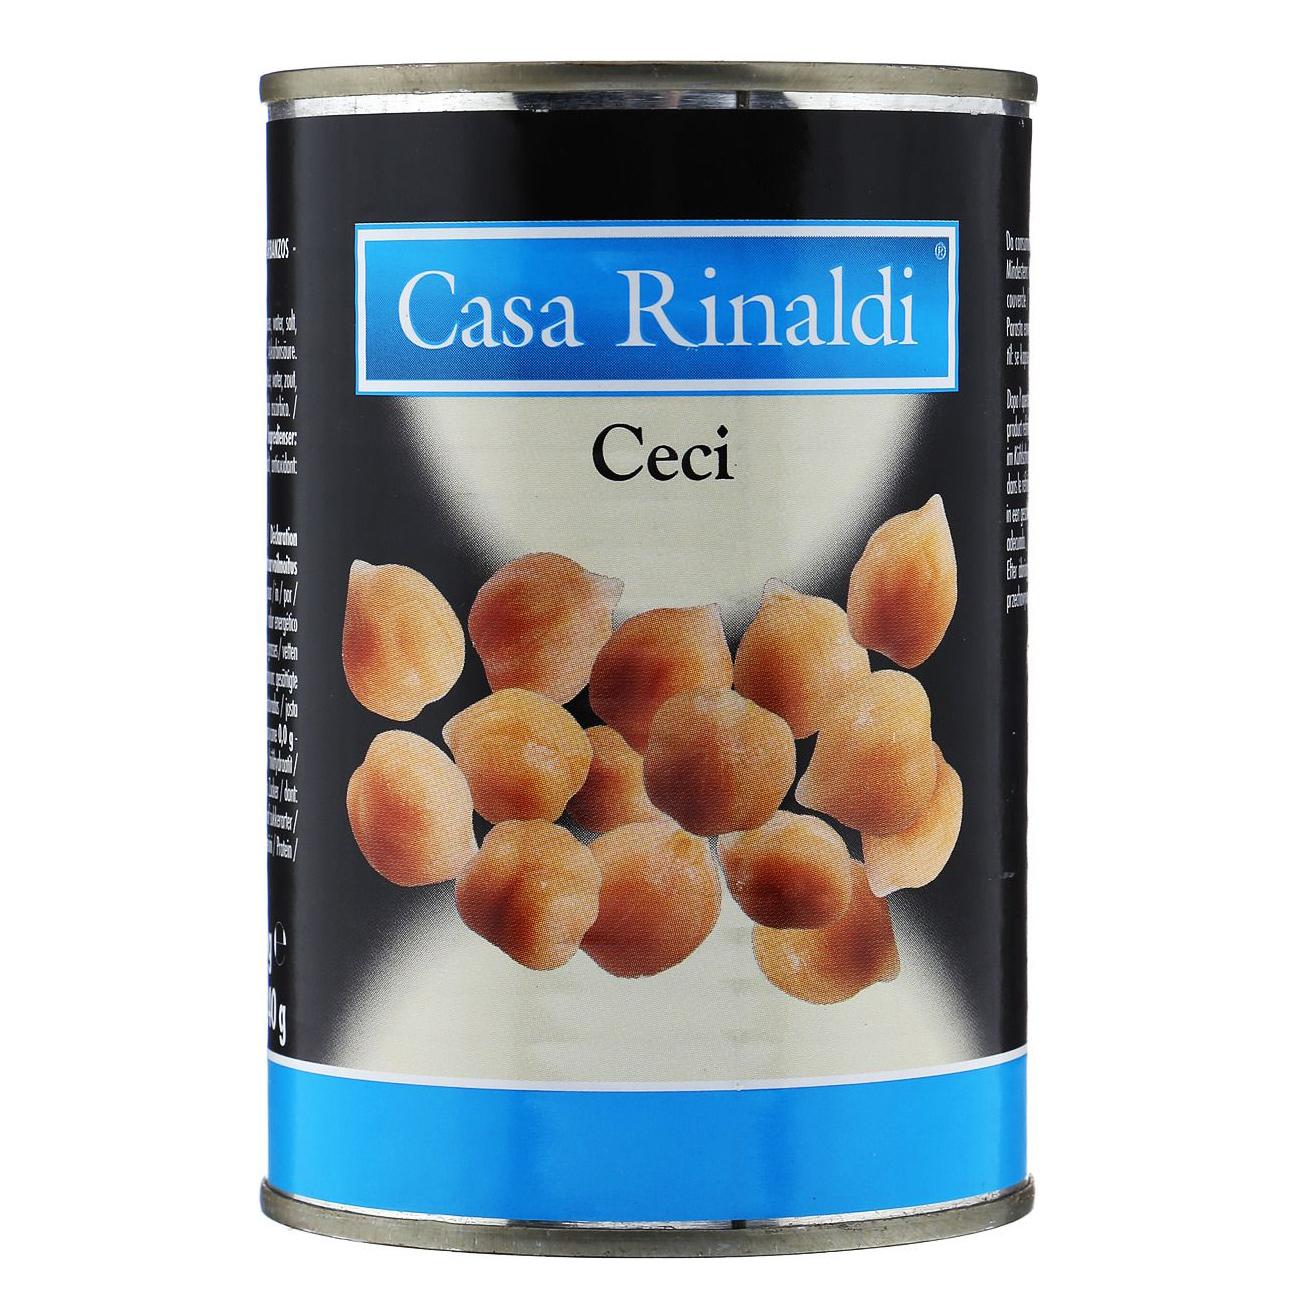 Горох нут Casa Rinaldi Чечи 400 г